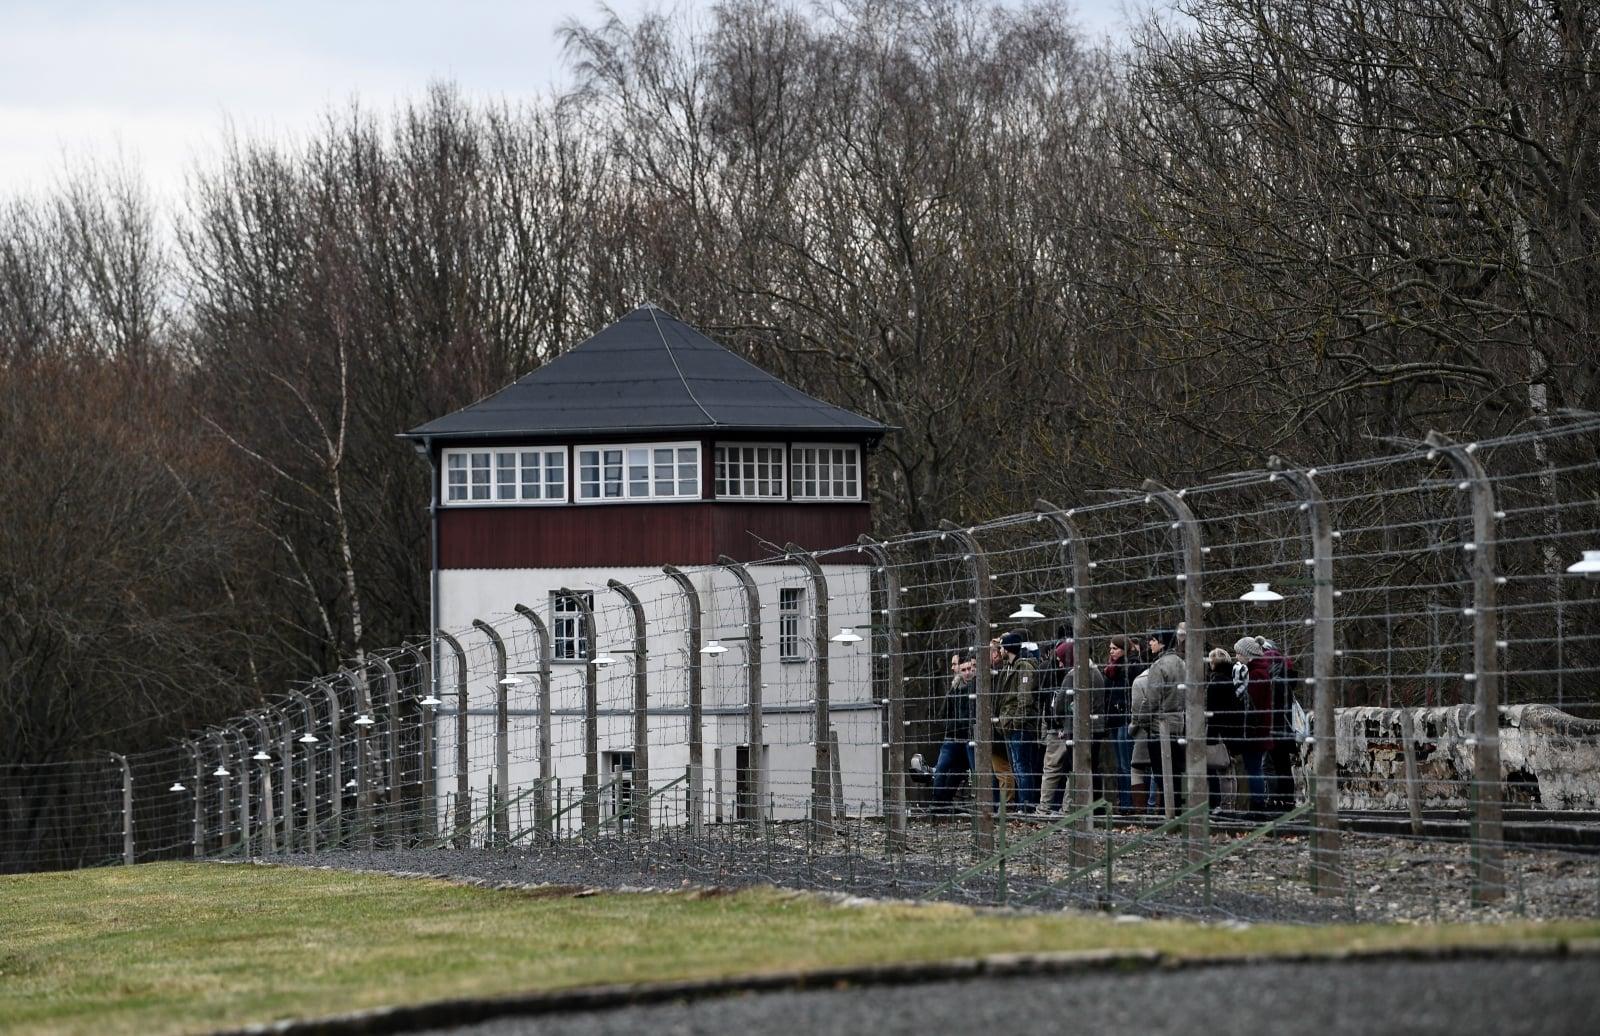 Zwiedzający oglądają fragment zrekonstruowanego obozu koncentracyjnego Buchenwald, Weimar, Niemcy